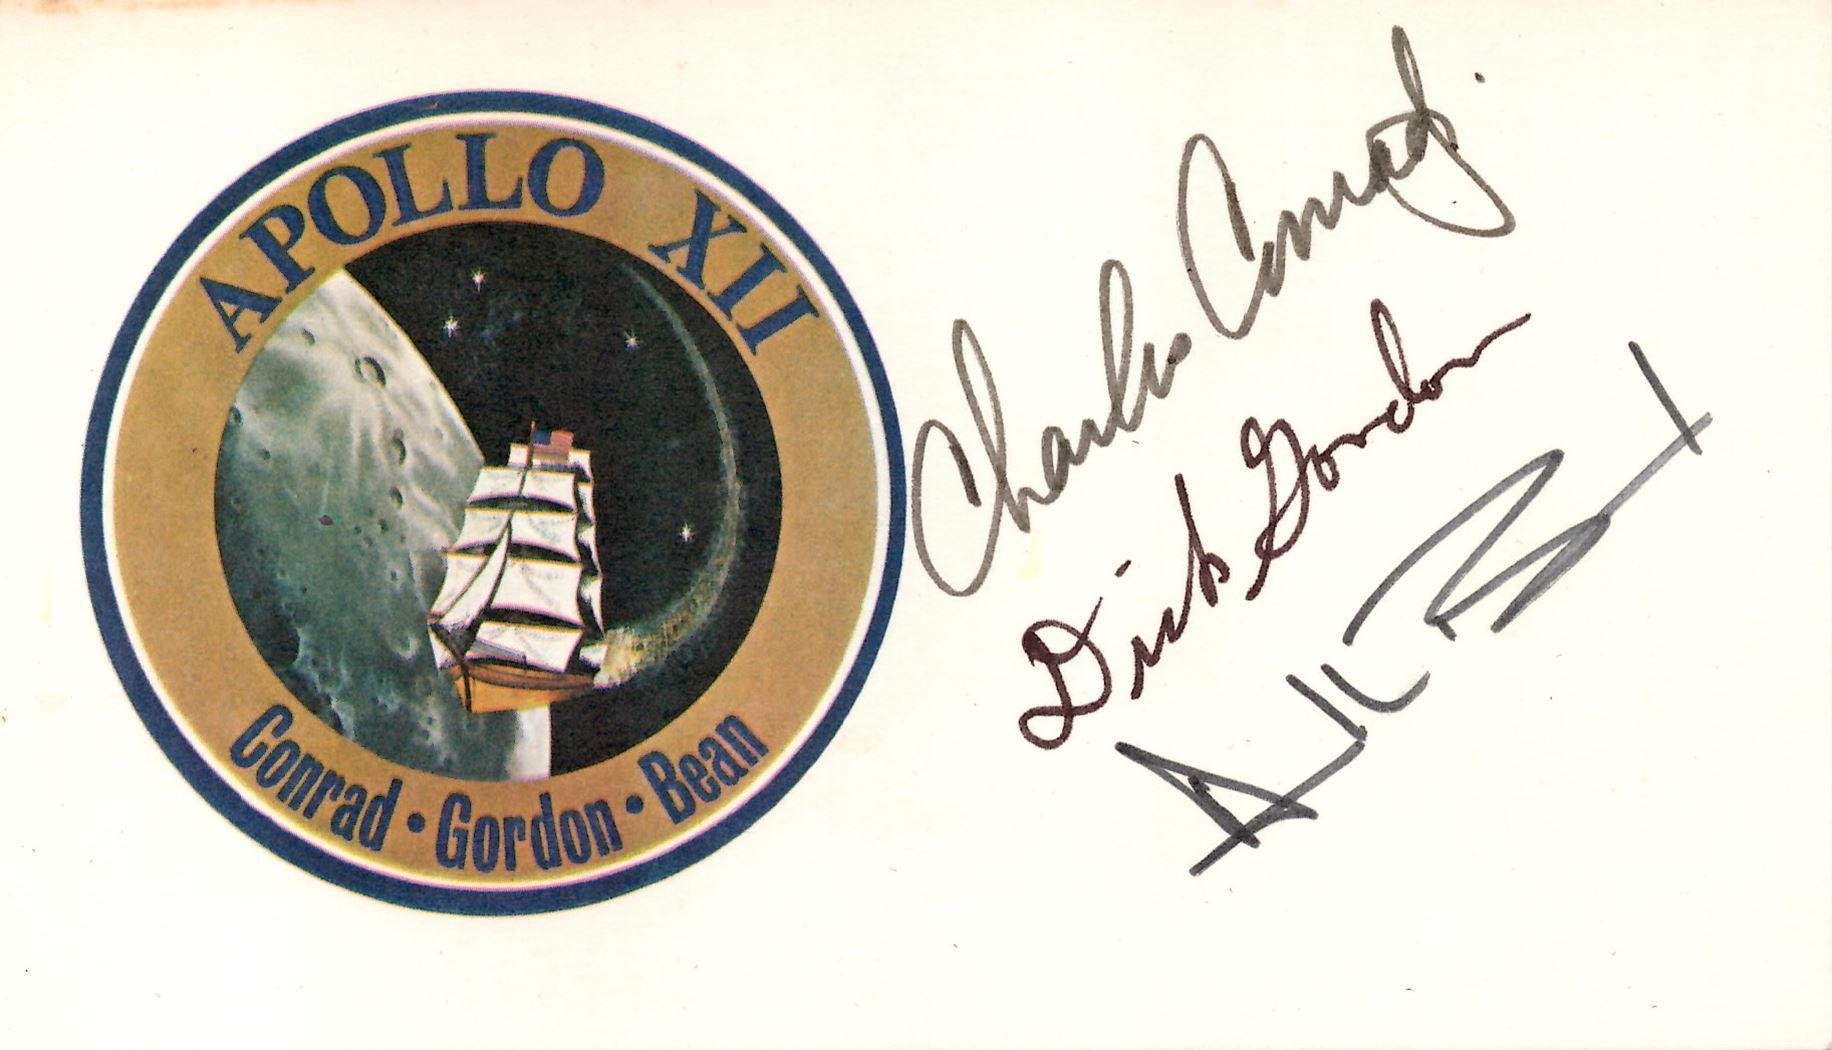 Apollo 12 Crew-Signed Mission Card, Conrad, Gordon, and Bean